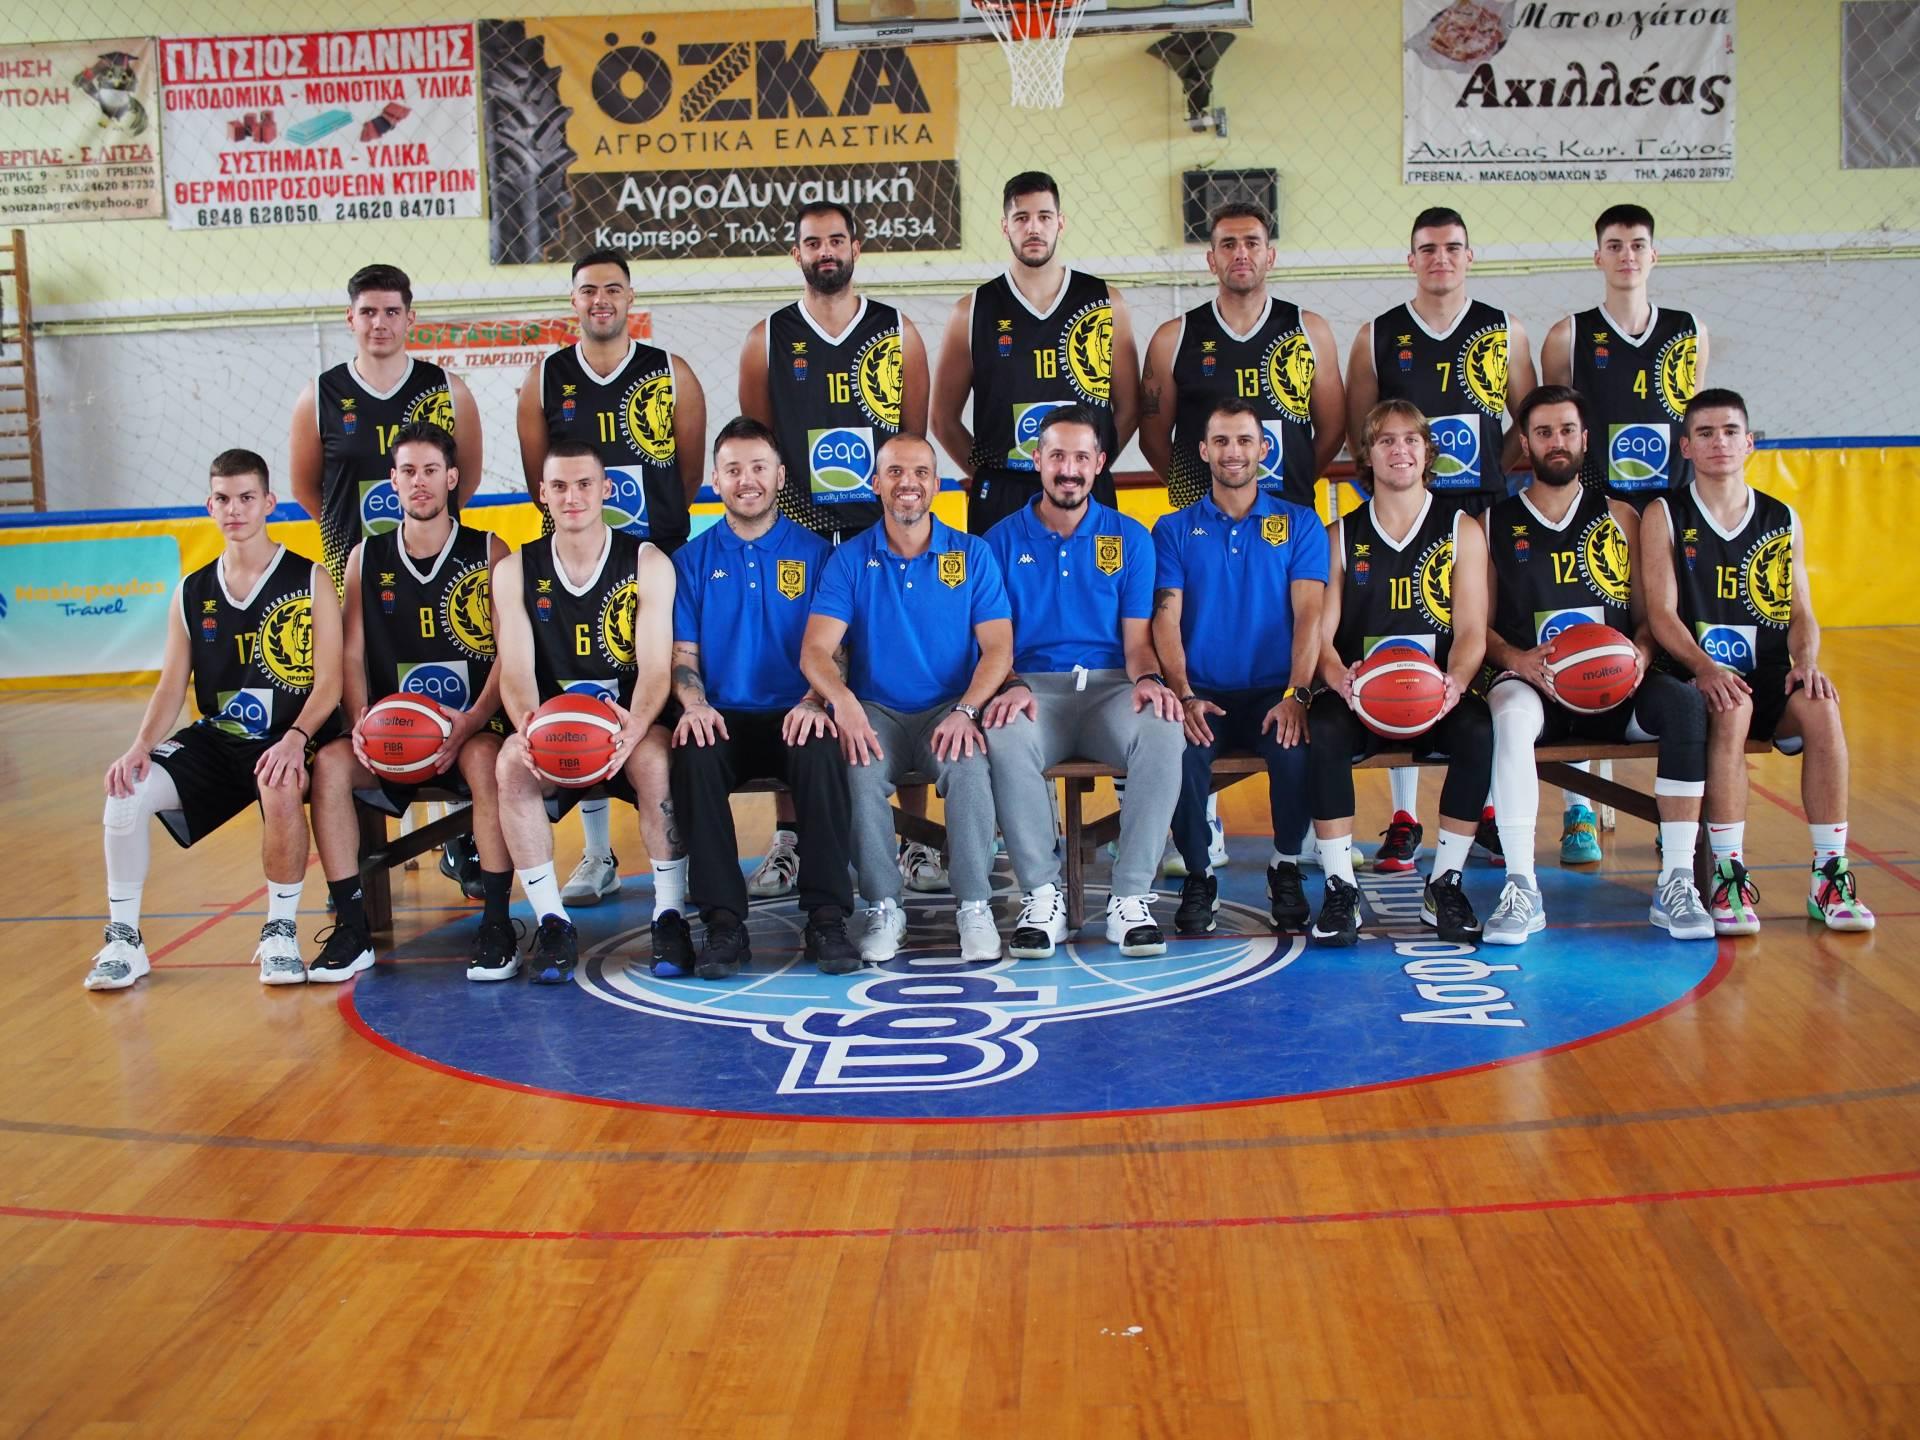 Ξεκινά το πρωτάθλημα της Β'Εθνικής μπάσκετ ανδρών. Στα Τρίκαλα η πρεμιέρα του Πρωτέα Γρεβενών